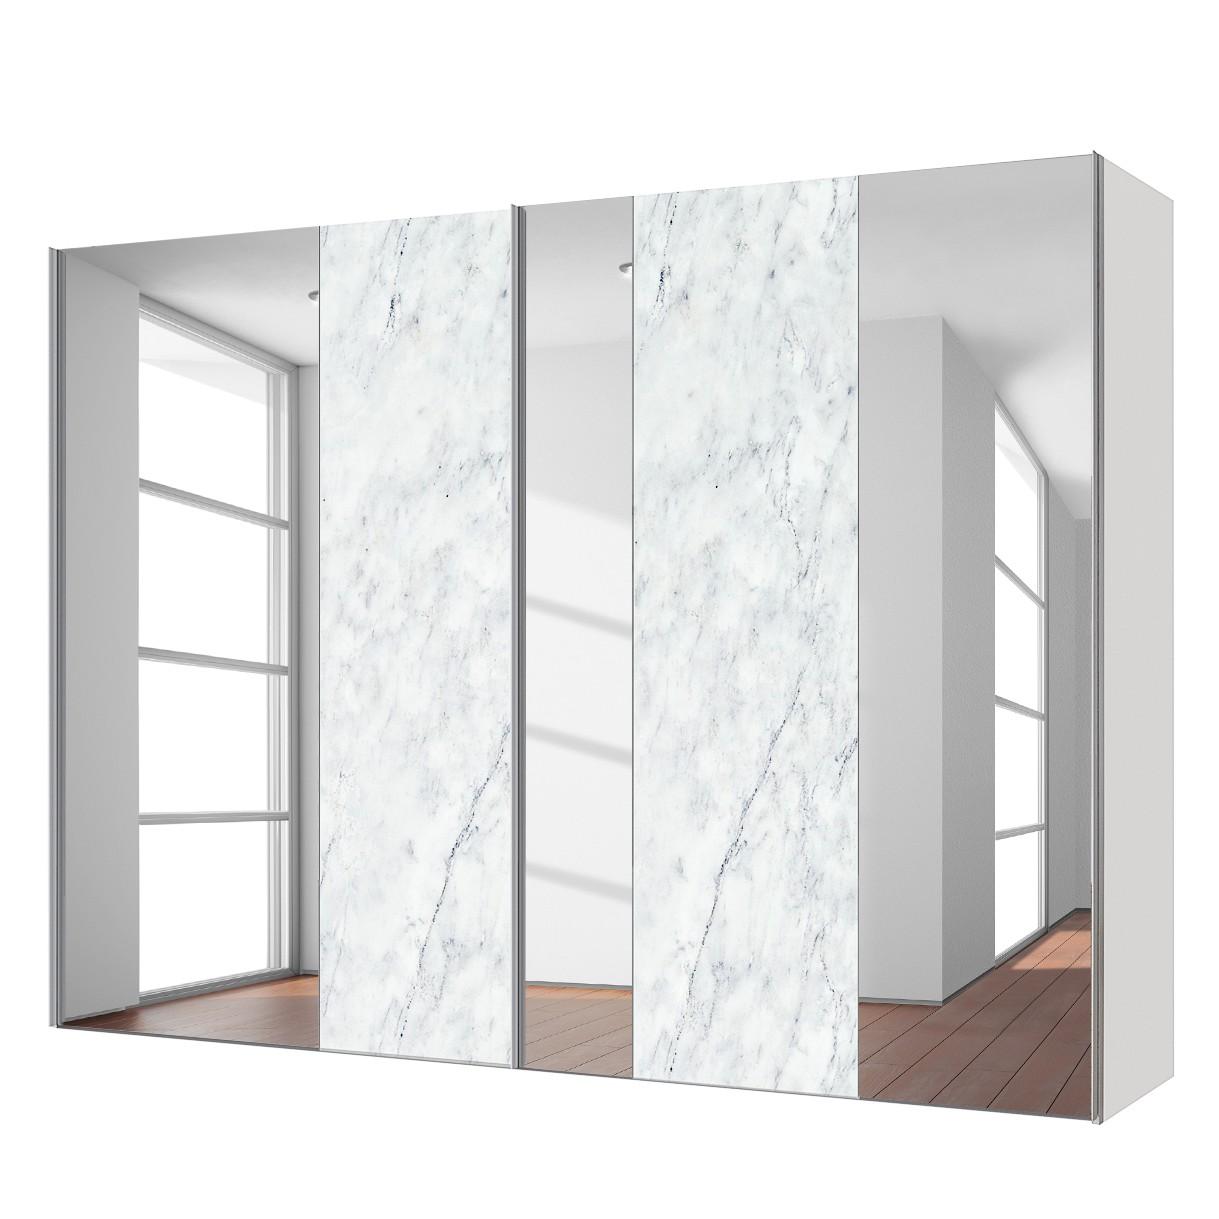 goedkoop Zweefdeurkast Cando Marmer look Spiegelglas 250cm 2 deurs Express Mobel